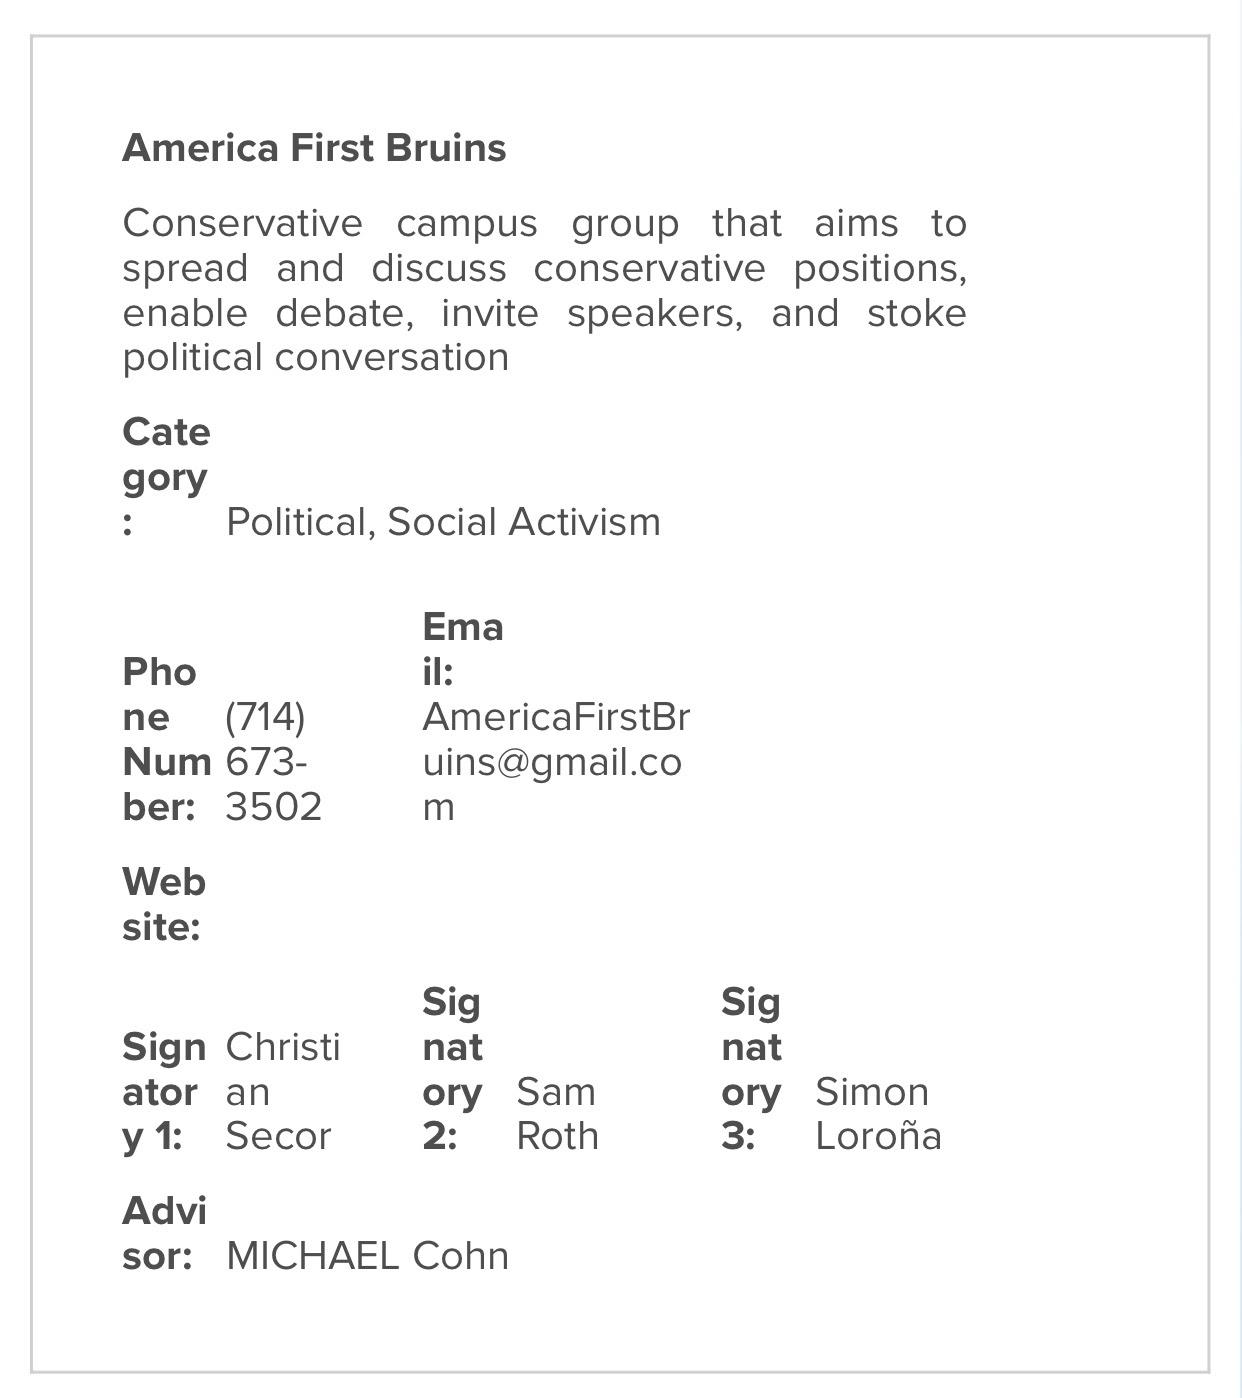 UCLA student organization registry confirms AF Bruins official recognition